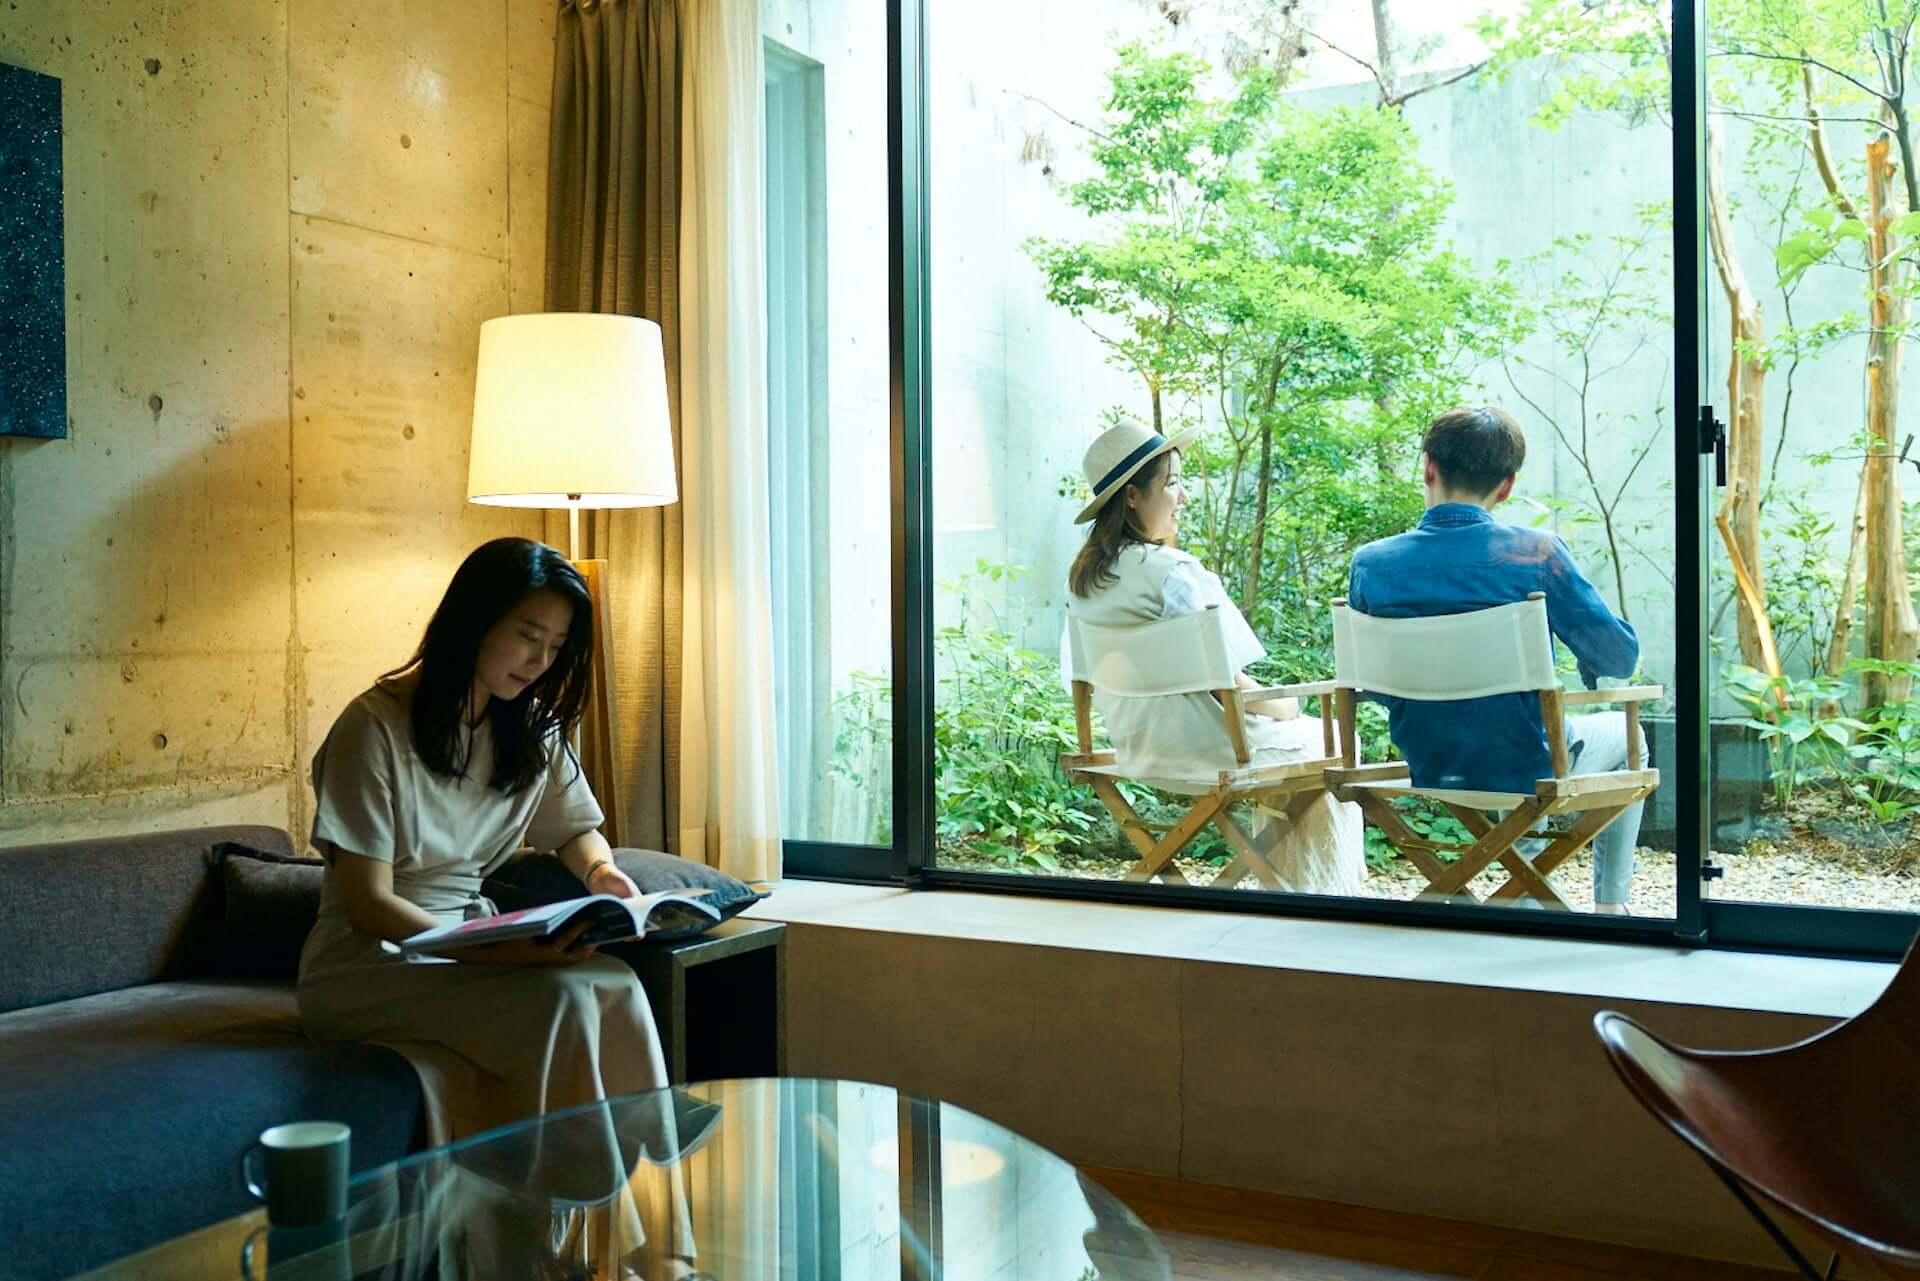 スタジオタイプの隠れ家ホテル・京都「22 PIECES」が営業再開決定!無料招待券のプレゼント企画も実施 lf201022_22pieces_18-1920x1281